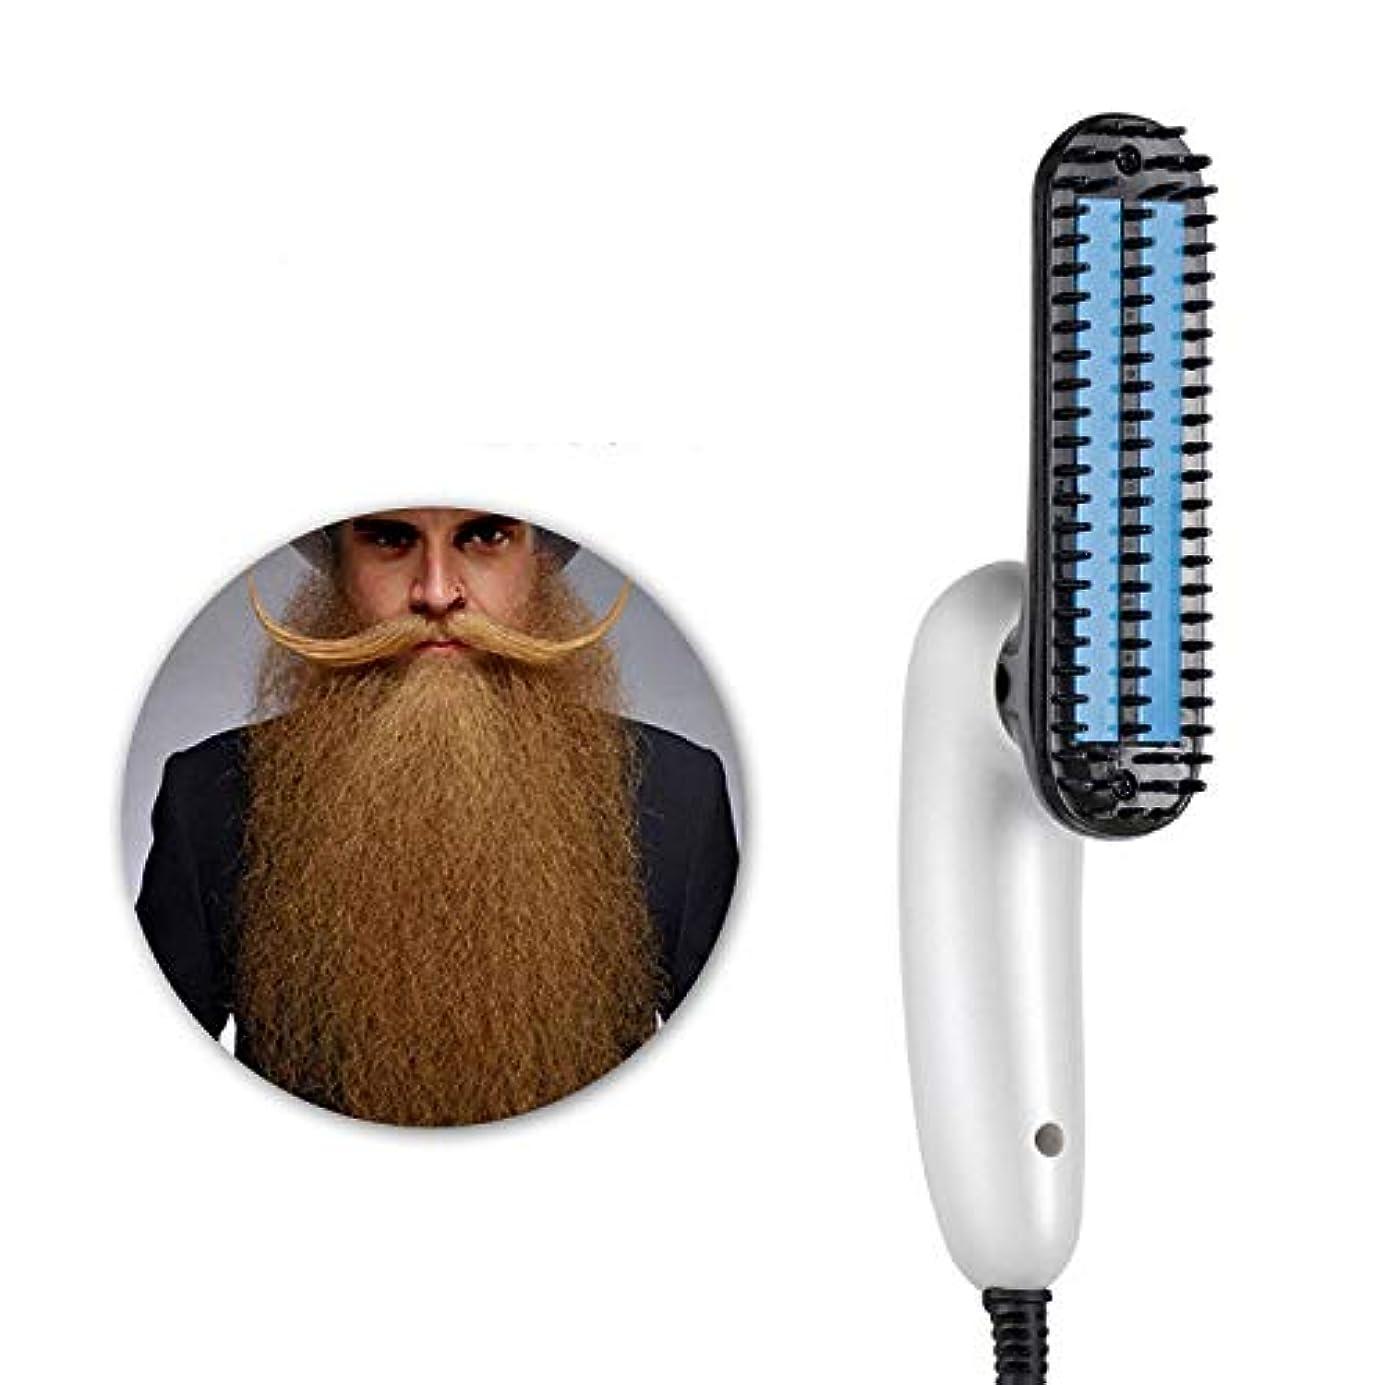 ダイヤルダニ代理店ビアードストレイテナーくしストレートヘアブラシくし、男性クイック上品なスタイリングツール自動温度ロックのためのカーリーヘアストレートサイド髪のもつれ解除アンチやけ